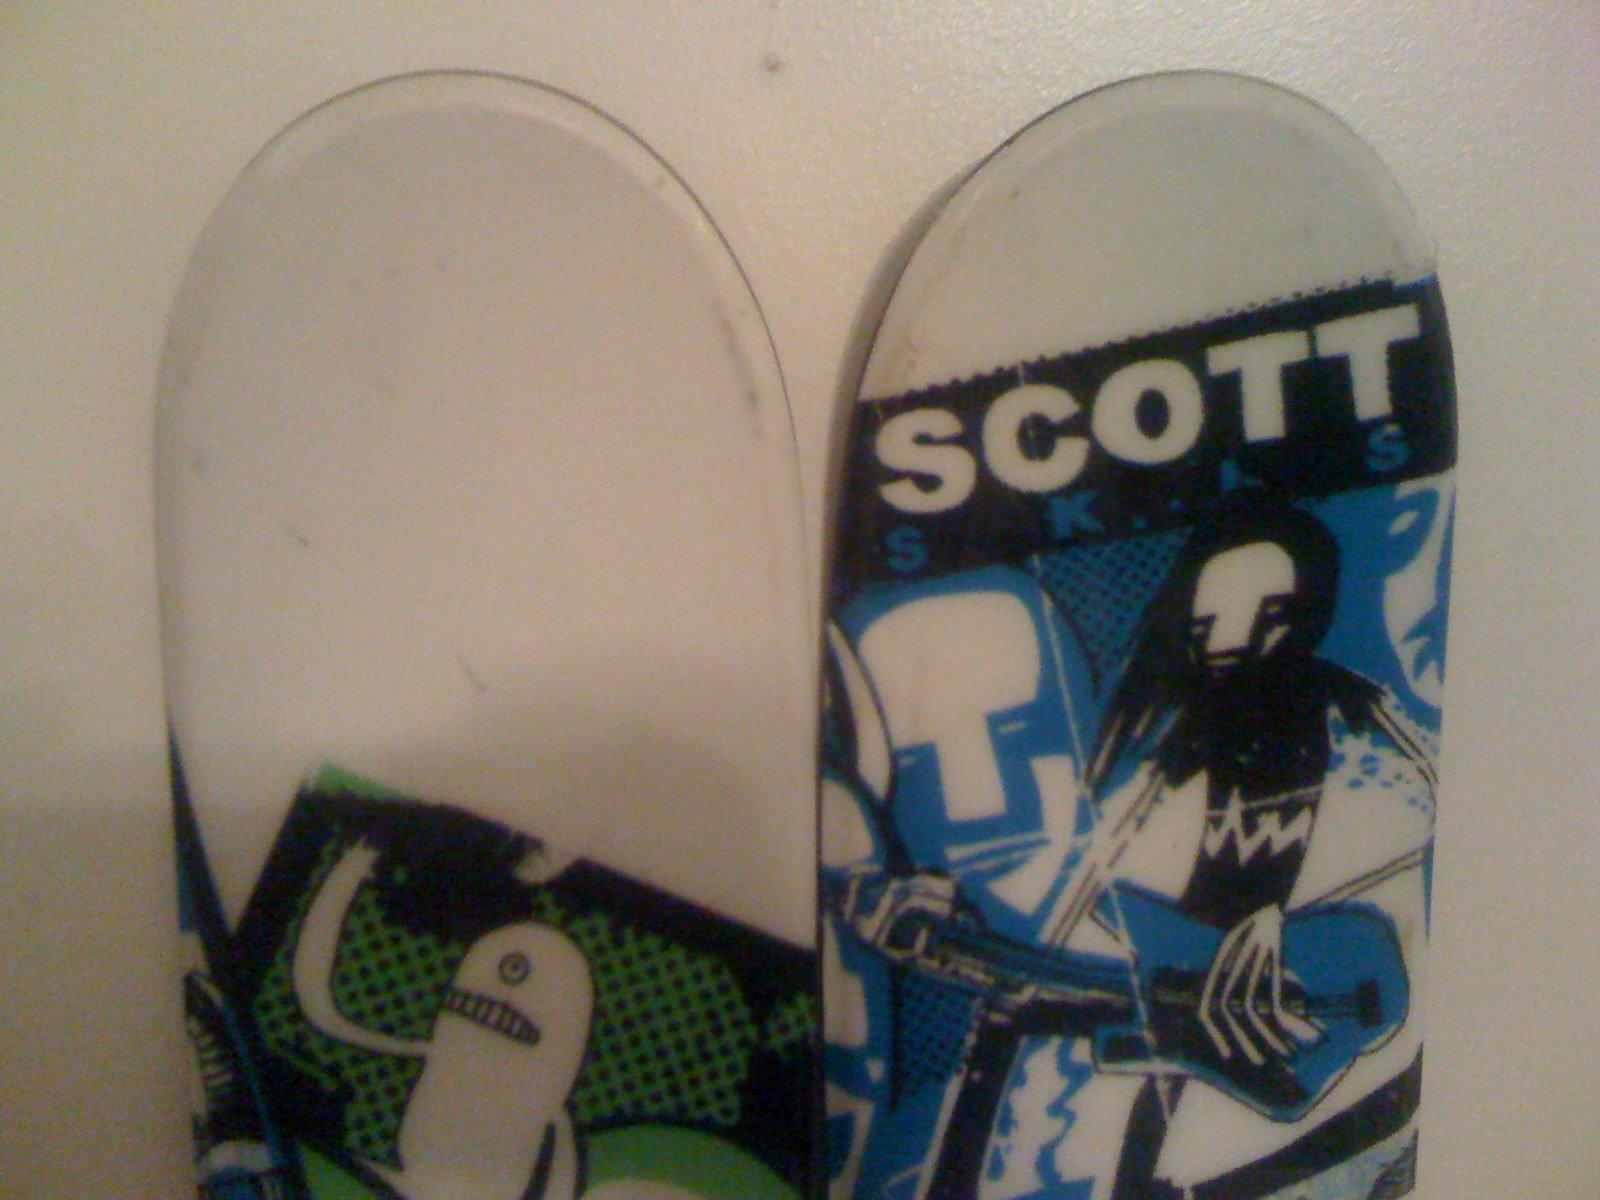 Scott p3